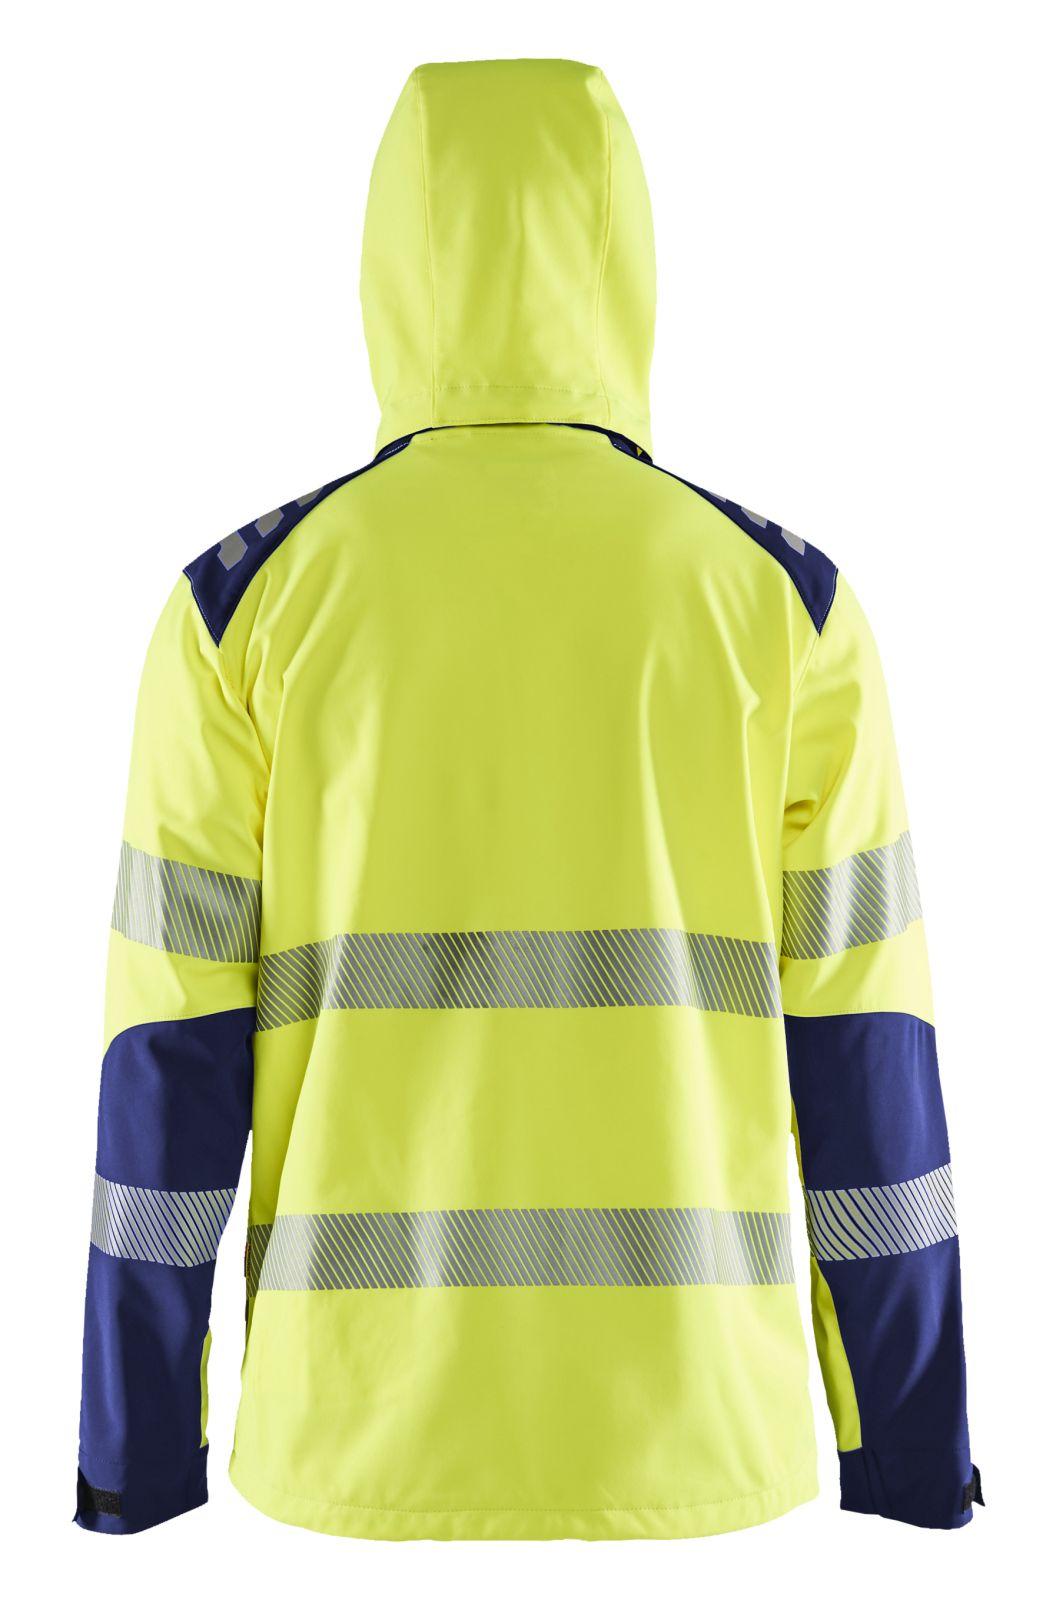 Blaklader Jassen 44912513 High Vis fluo geel-marineblauw(3389)